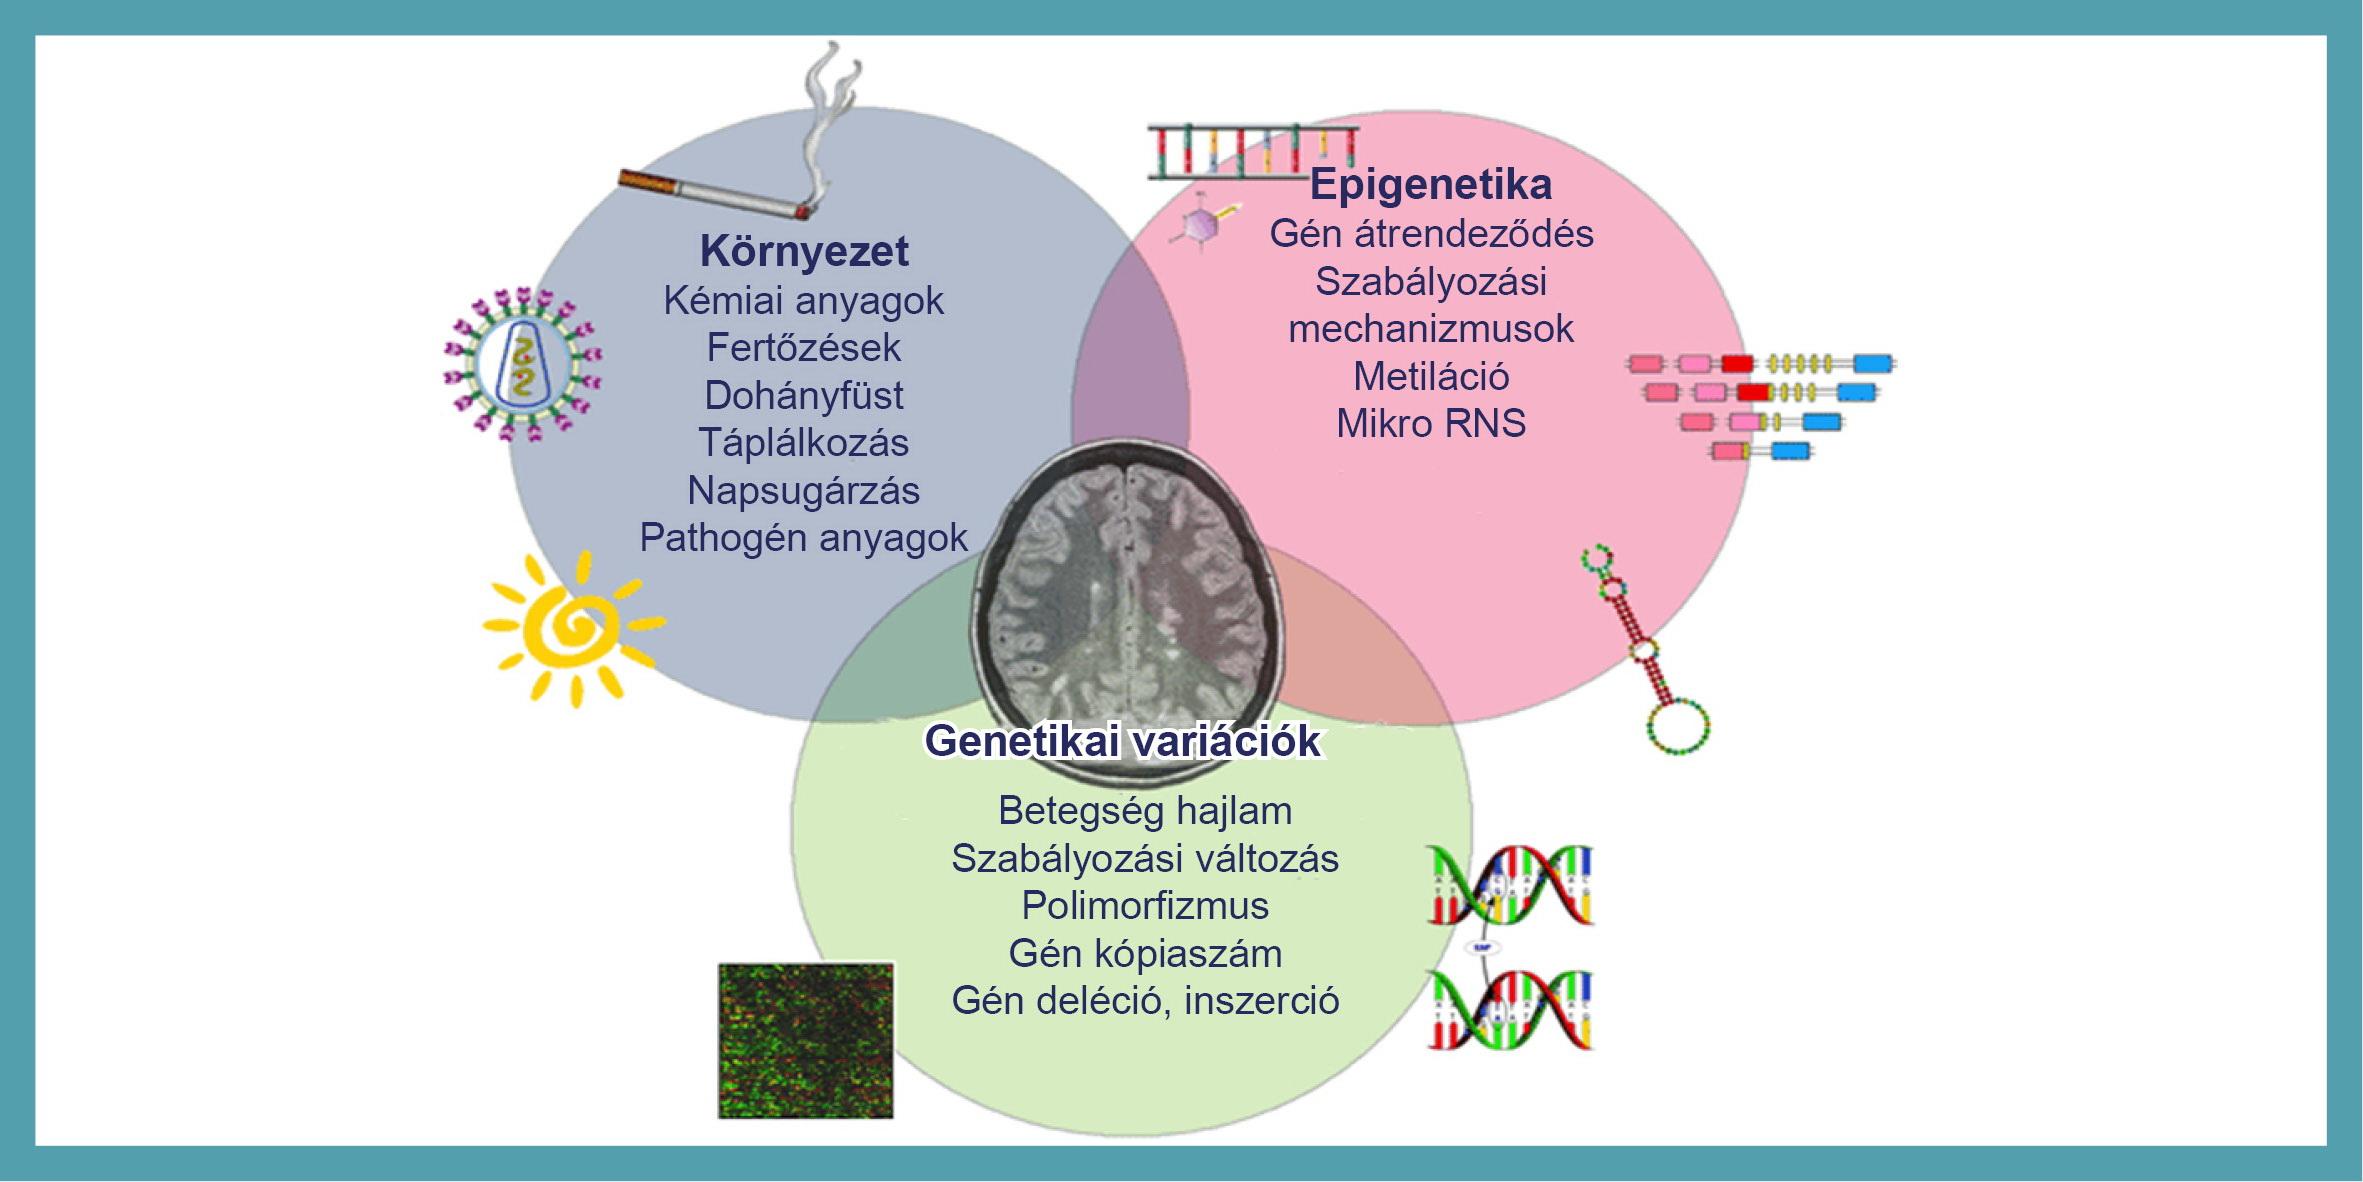 rák és genetikai változások krém a hpv szemölcsért